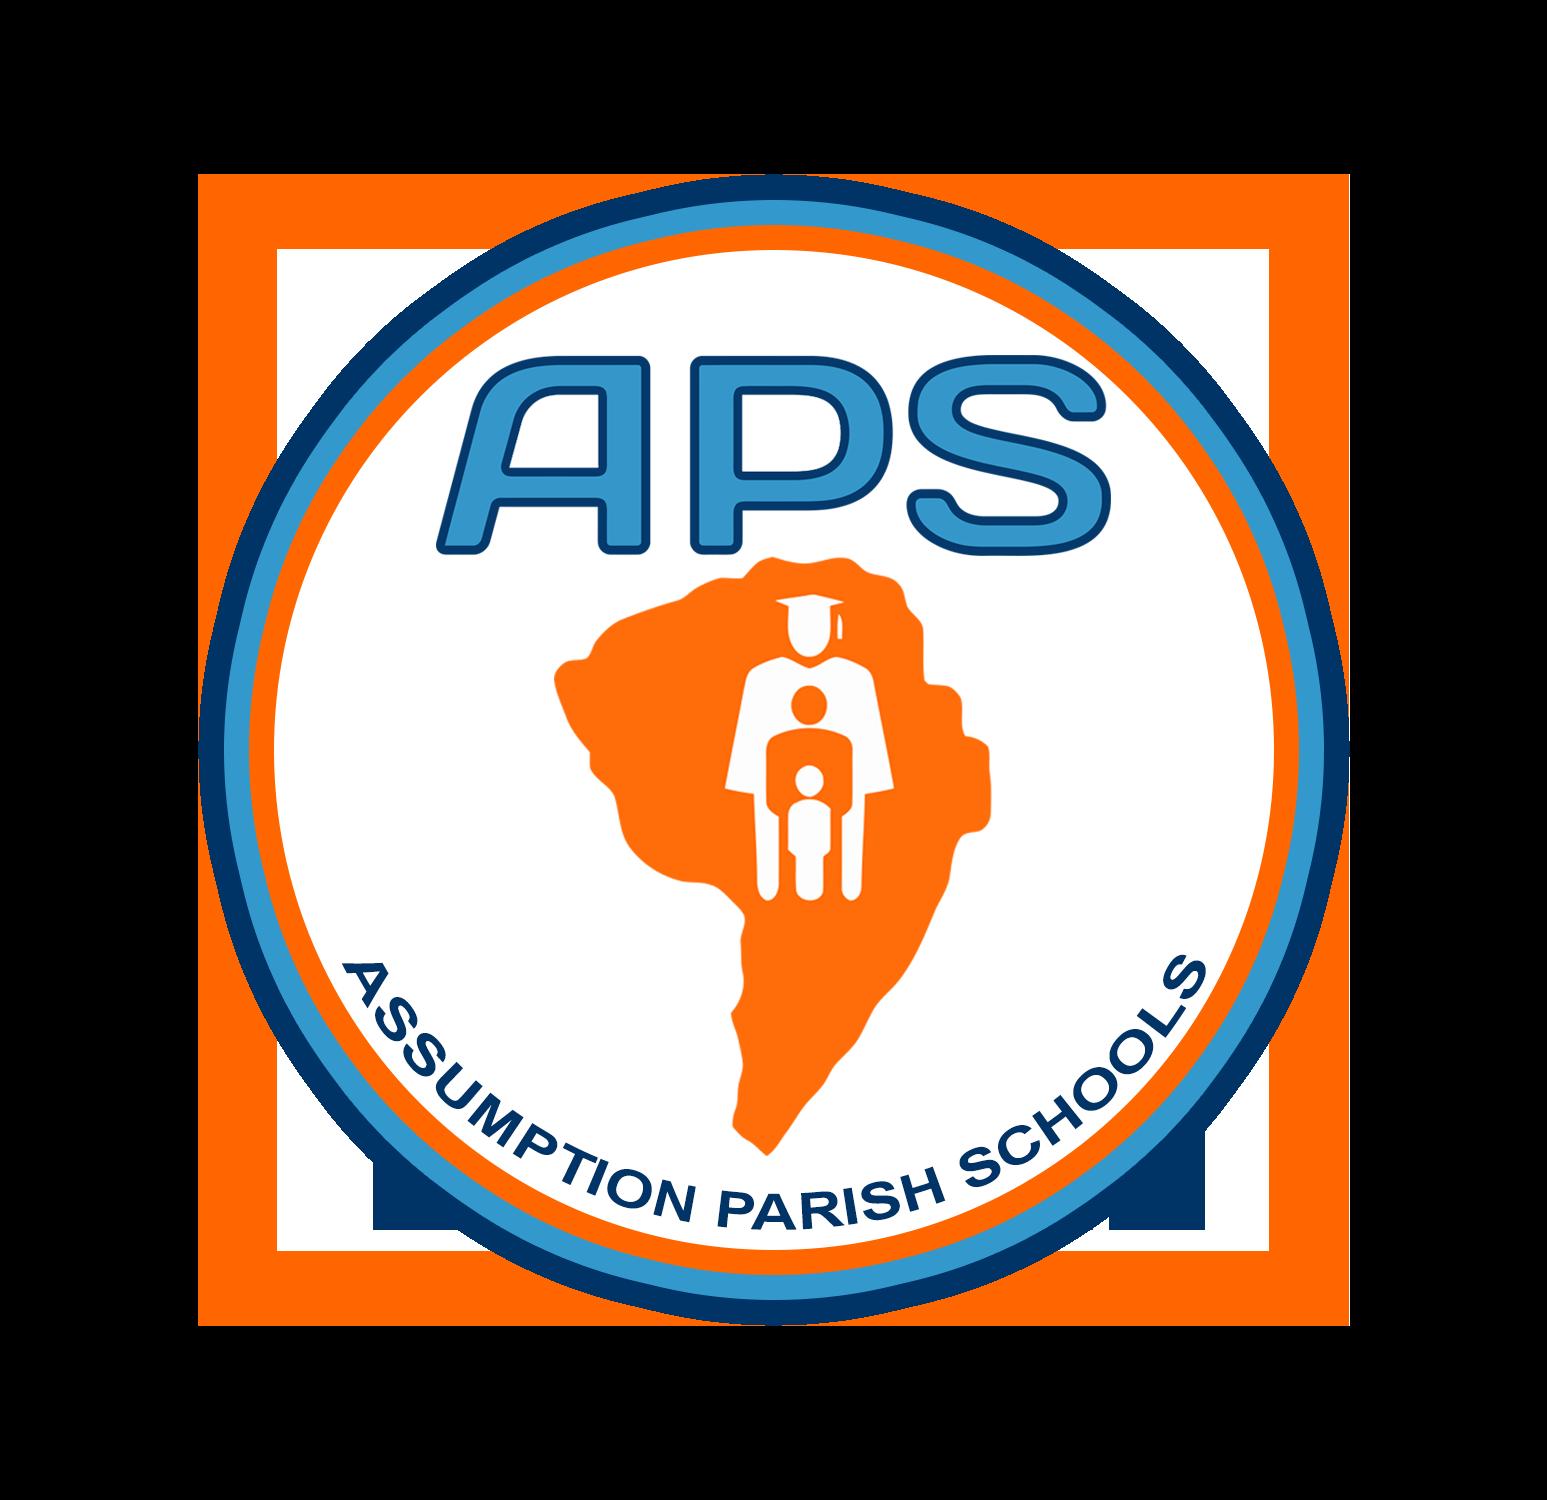 Assumption Parish Schools